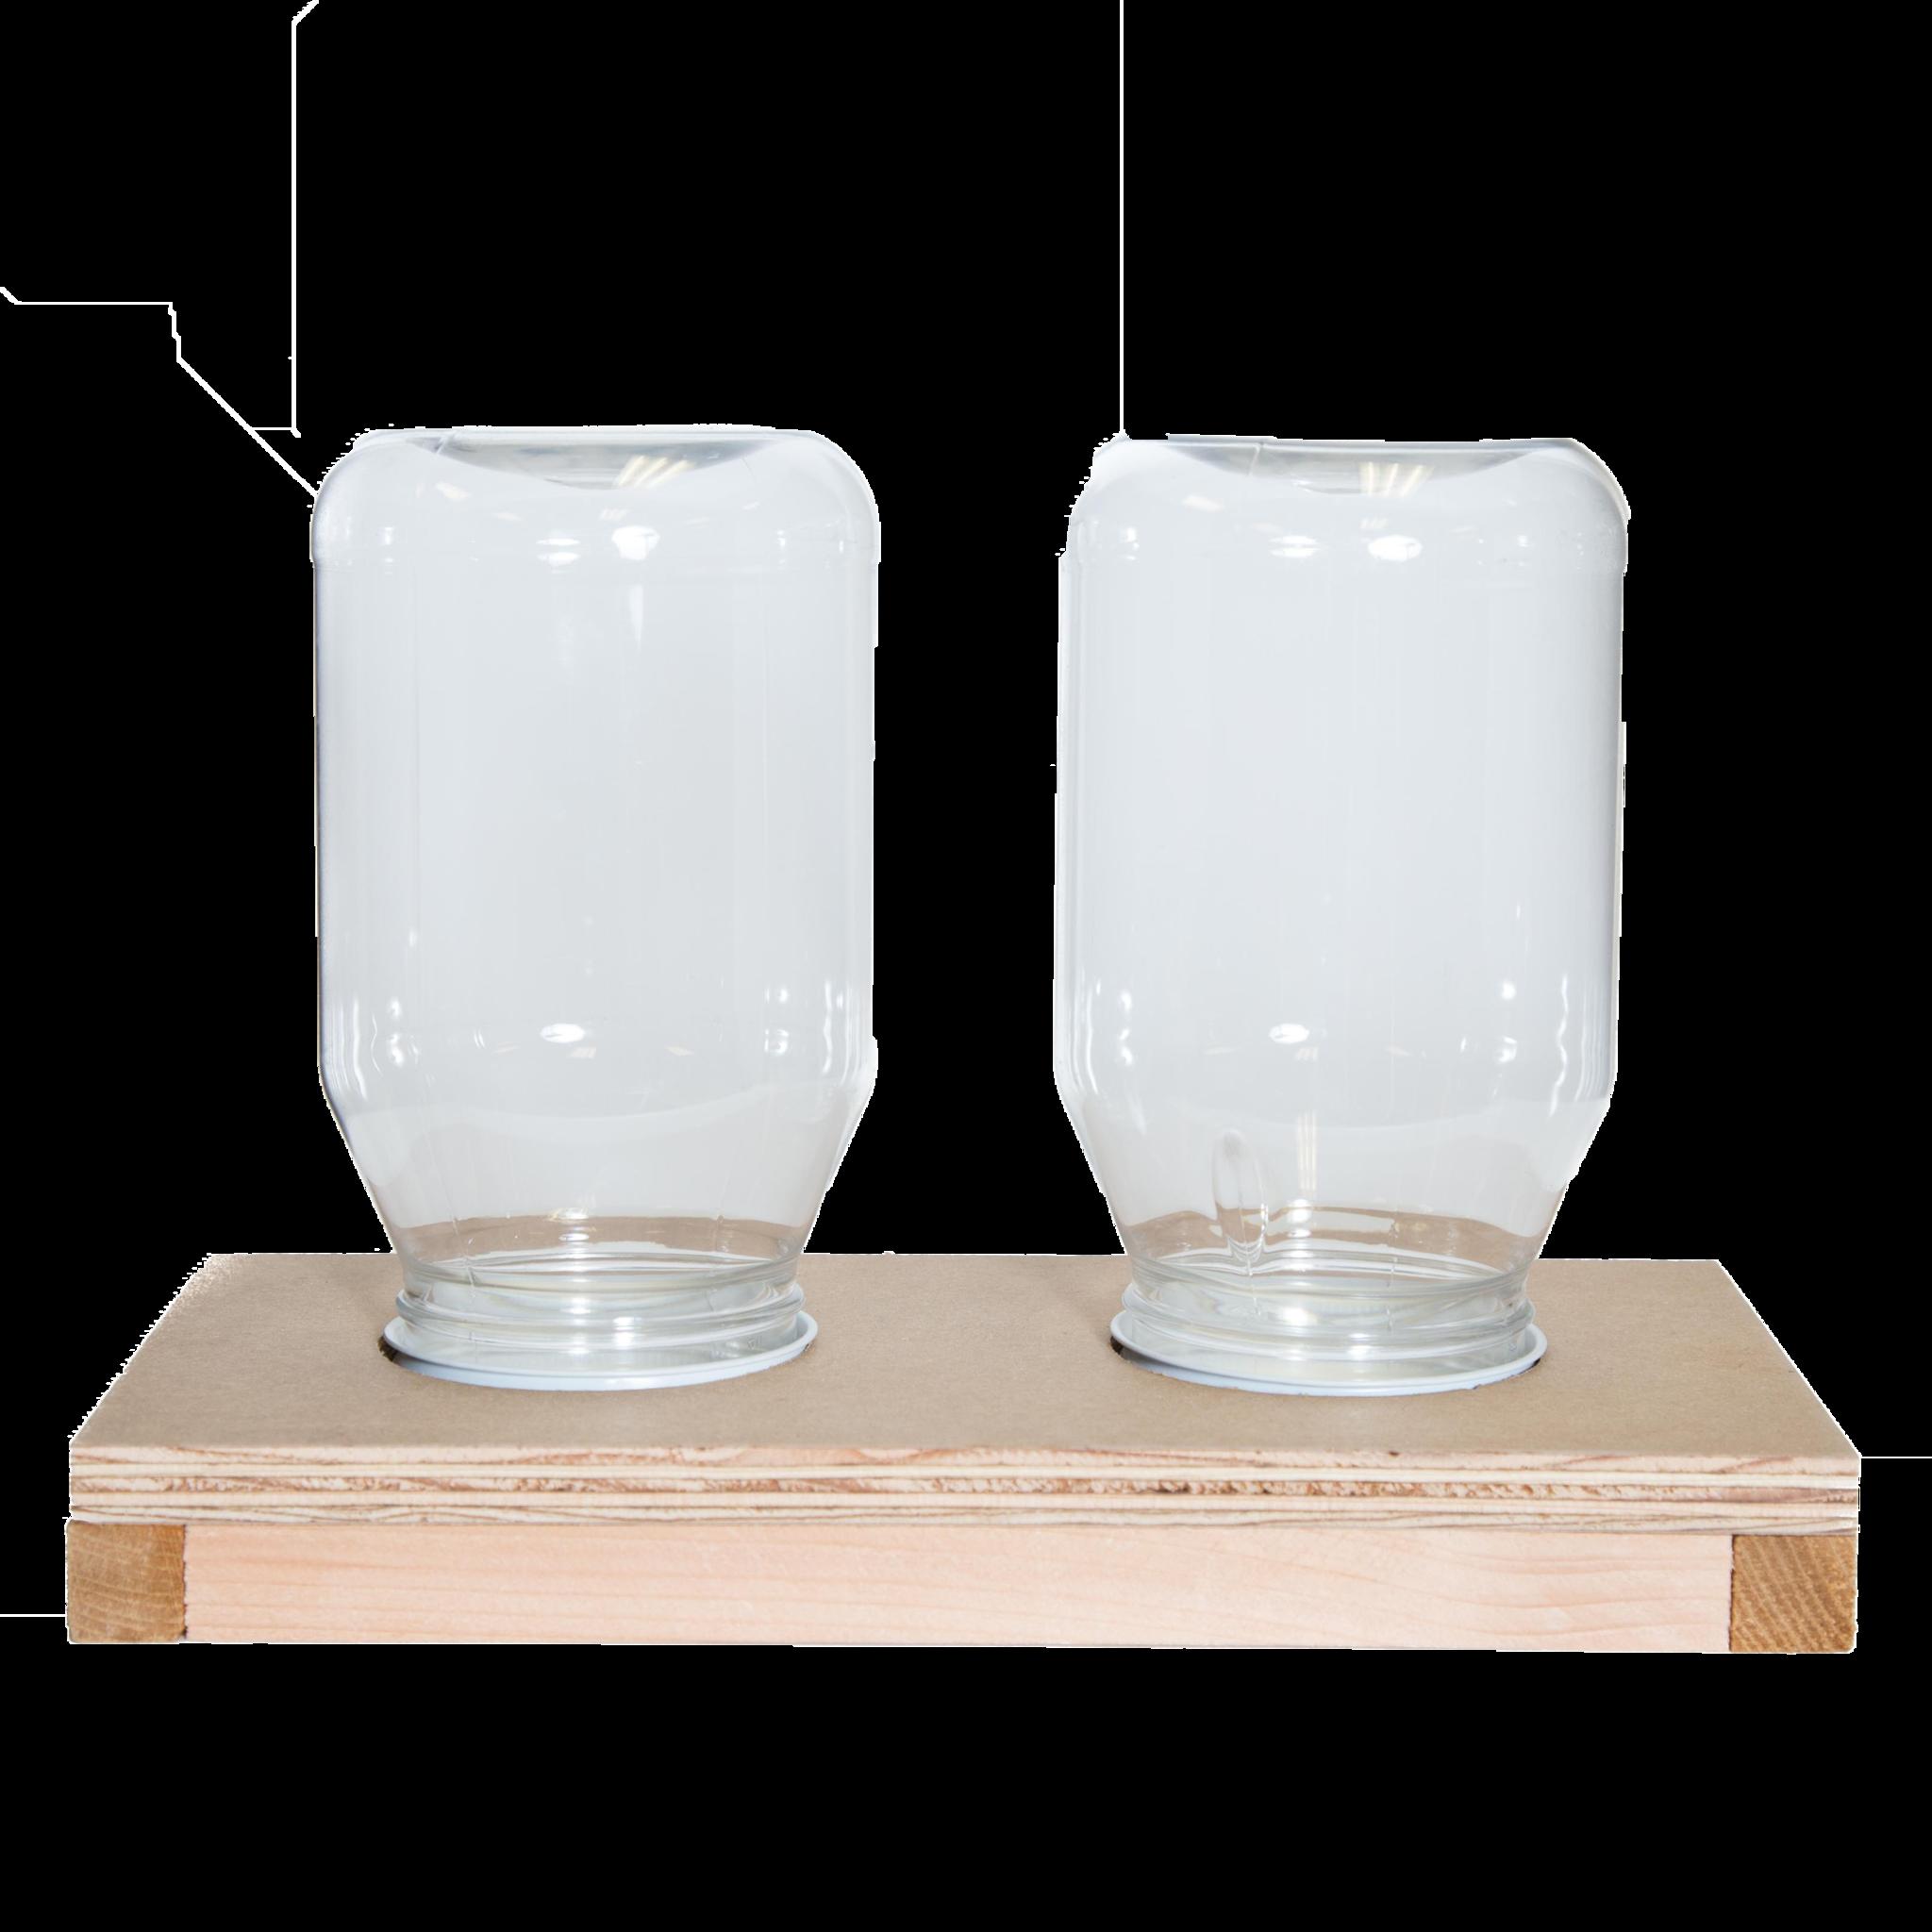 Double Jar Feeder Base | Bee feeder, Top bar hive, Bee ...